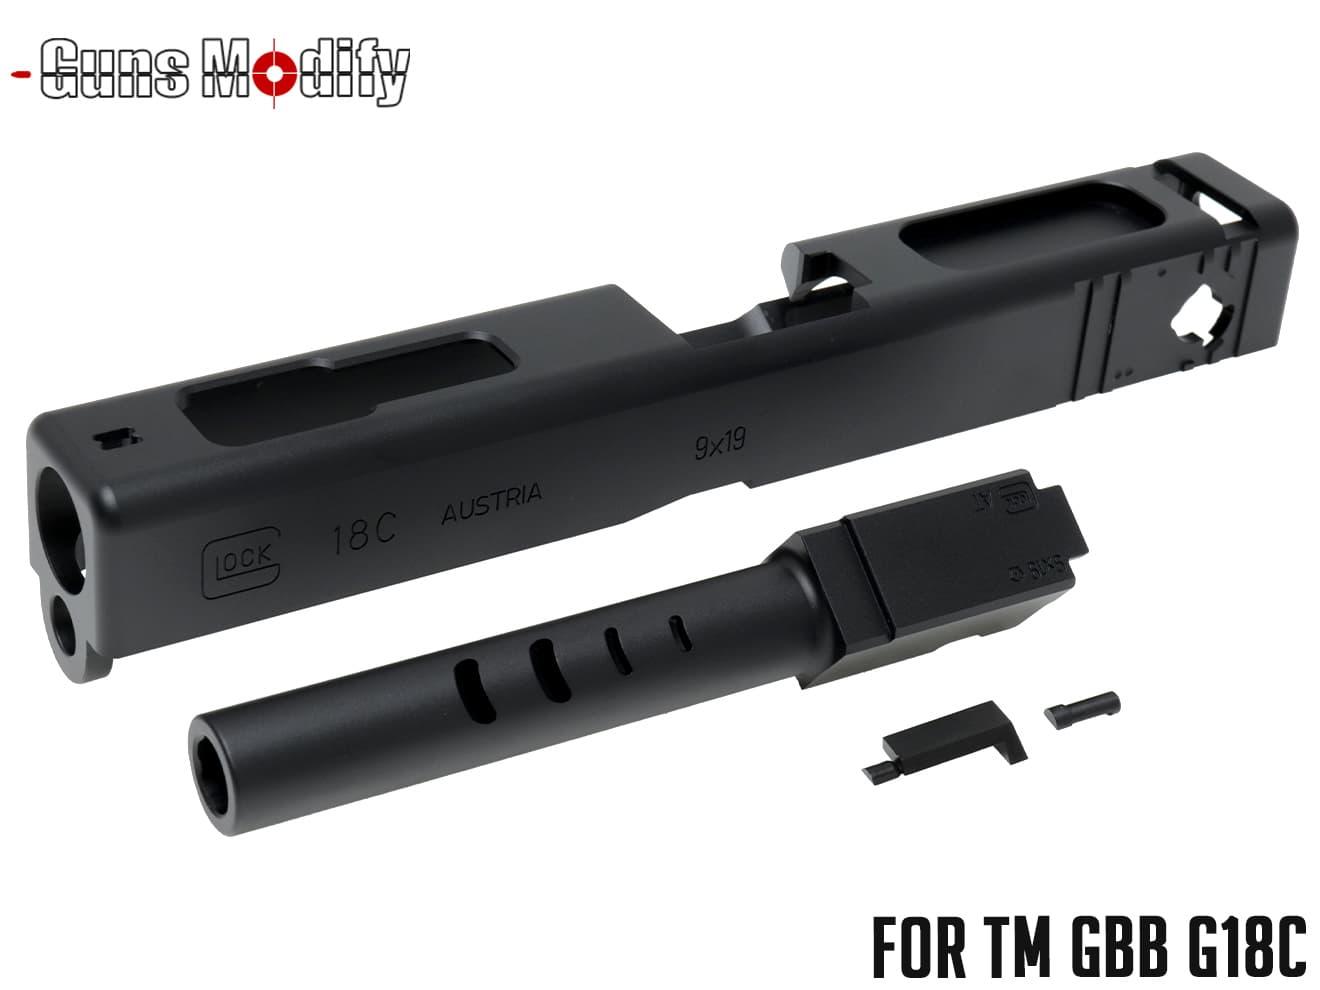 サバイバルゲーム・トイガン, エアガン GunsModify G18C CNC SET 2016Ver GLOCK 18C ESR315